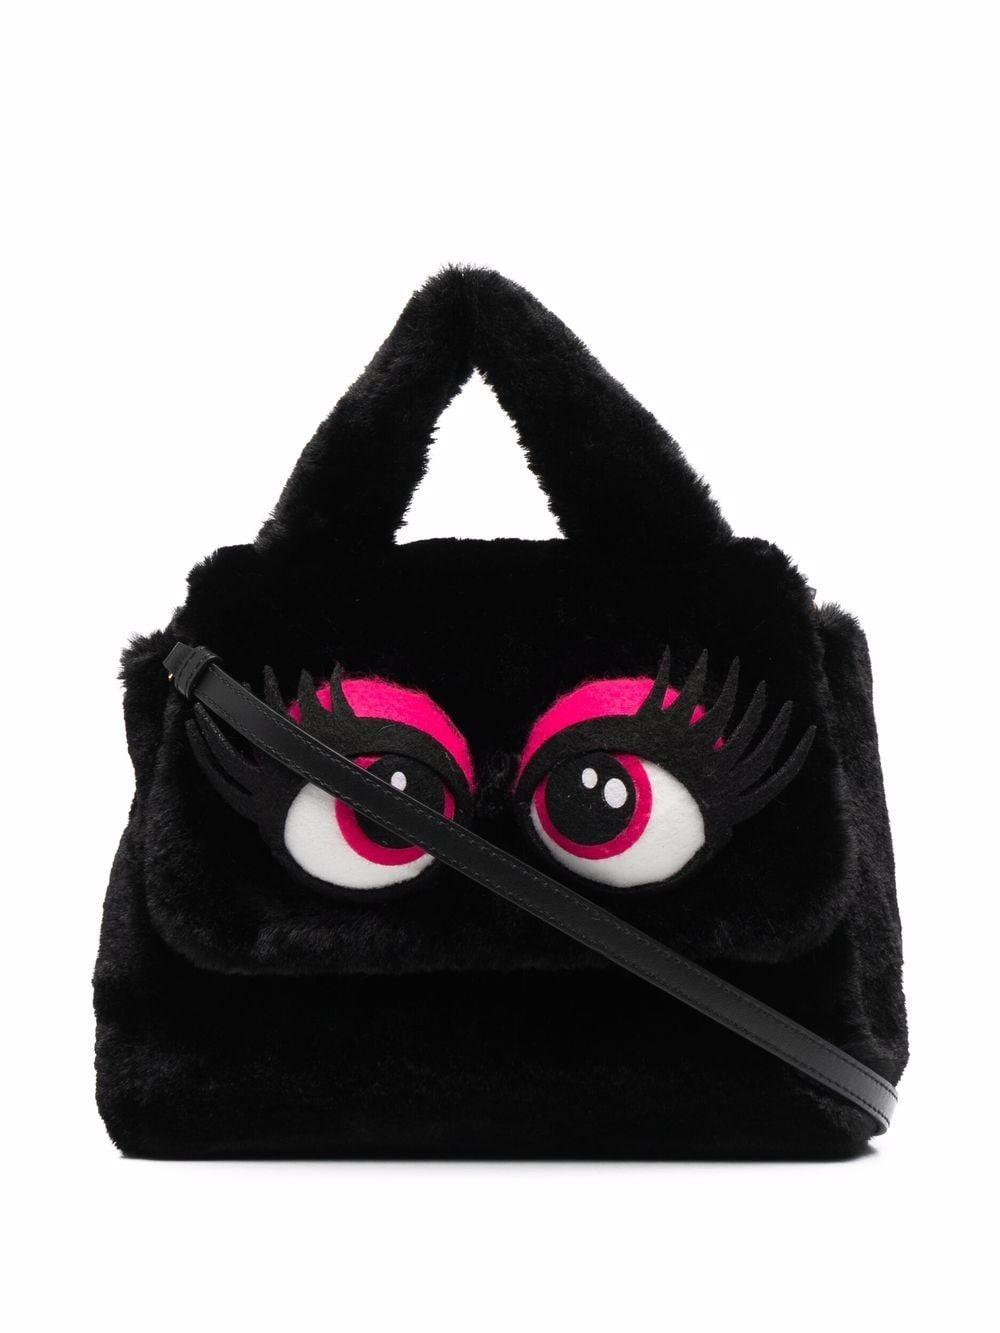 Moschino Strukturierte Handtasche - Schwarz